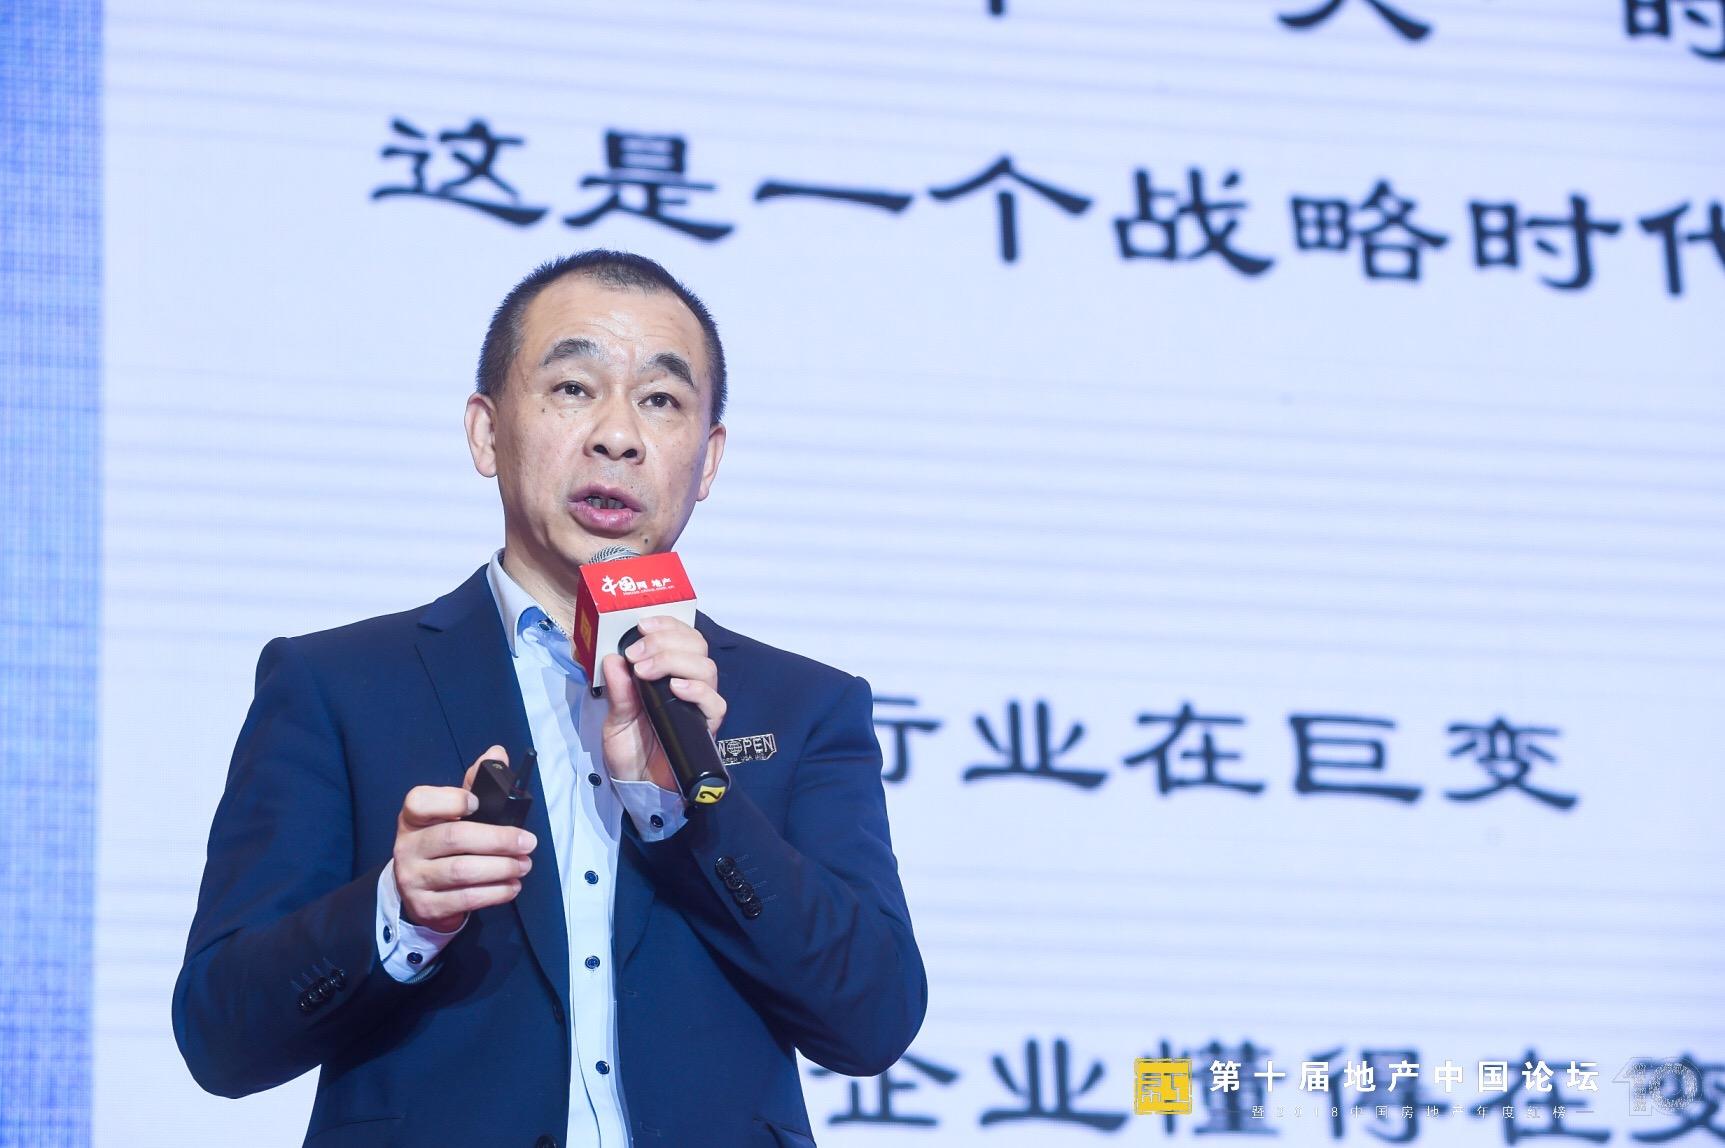 李战洪:从产城融合 到产城人文融合-中国网地产